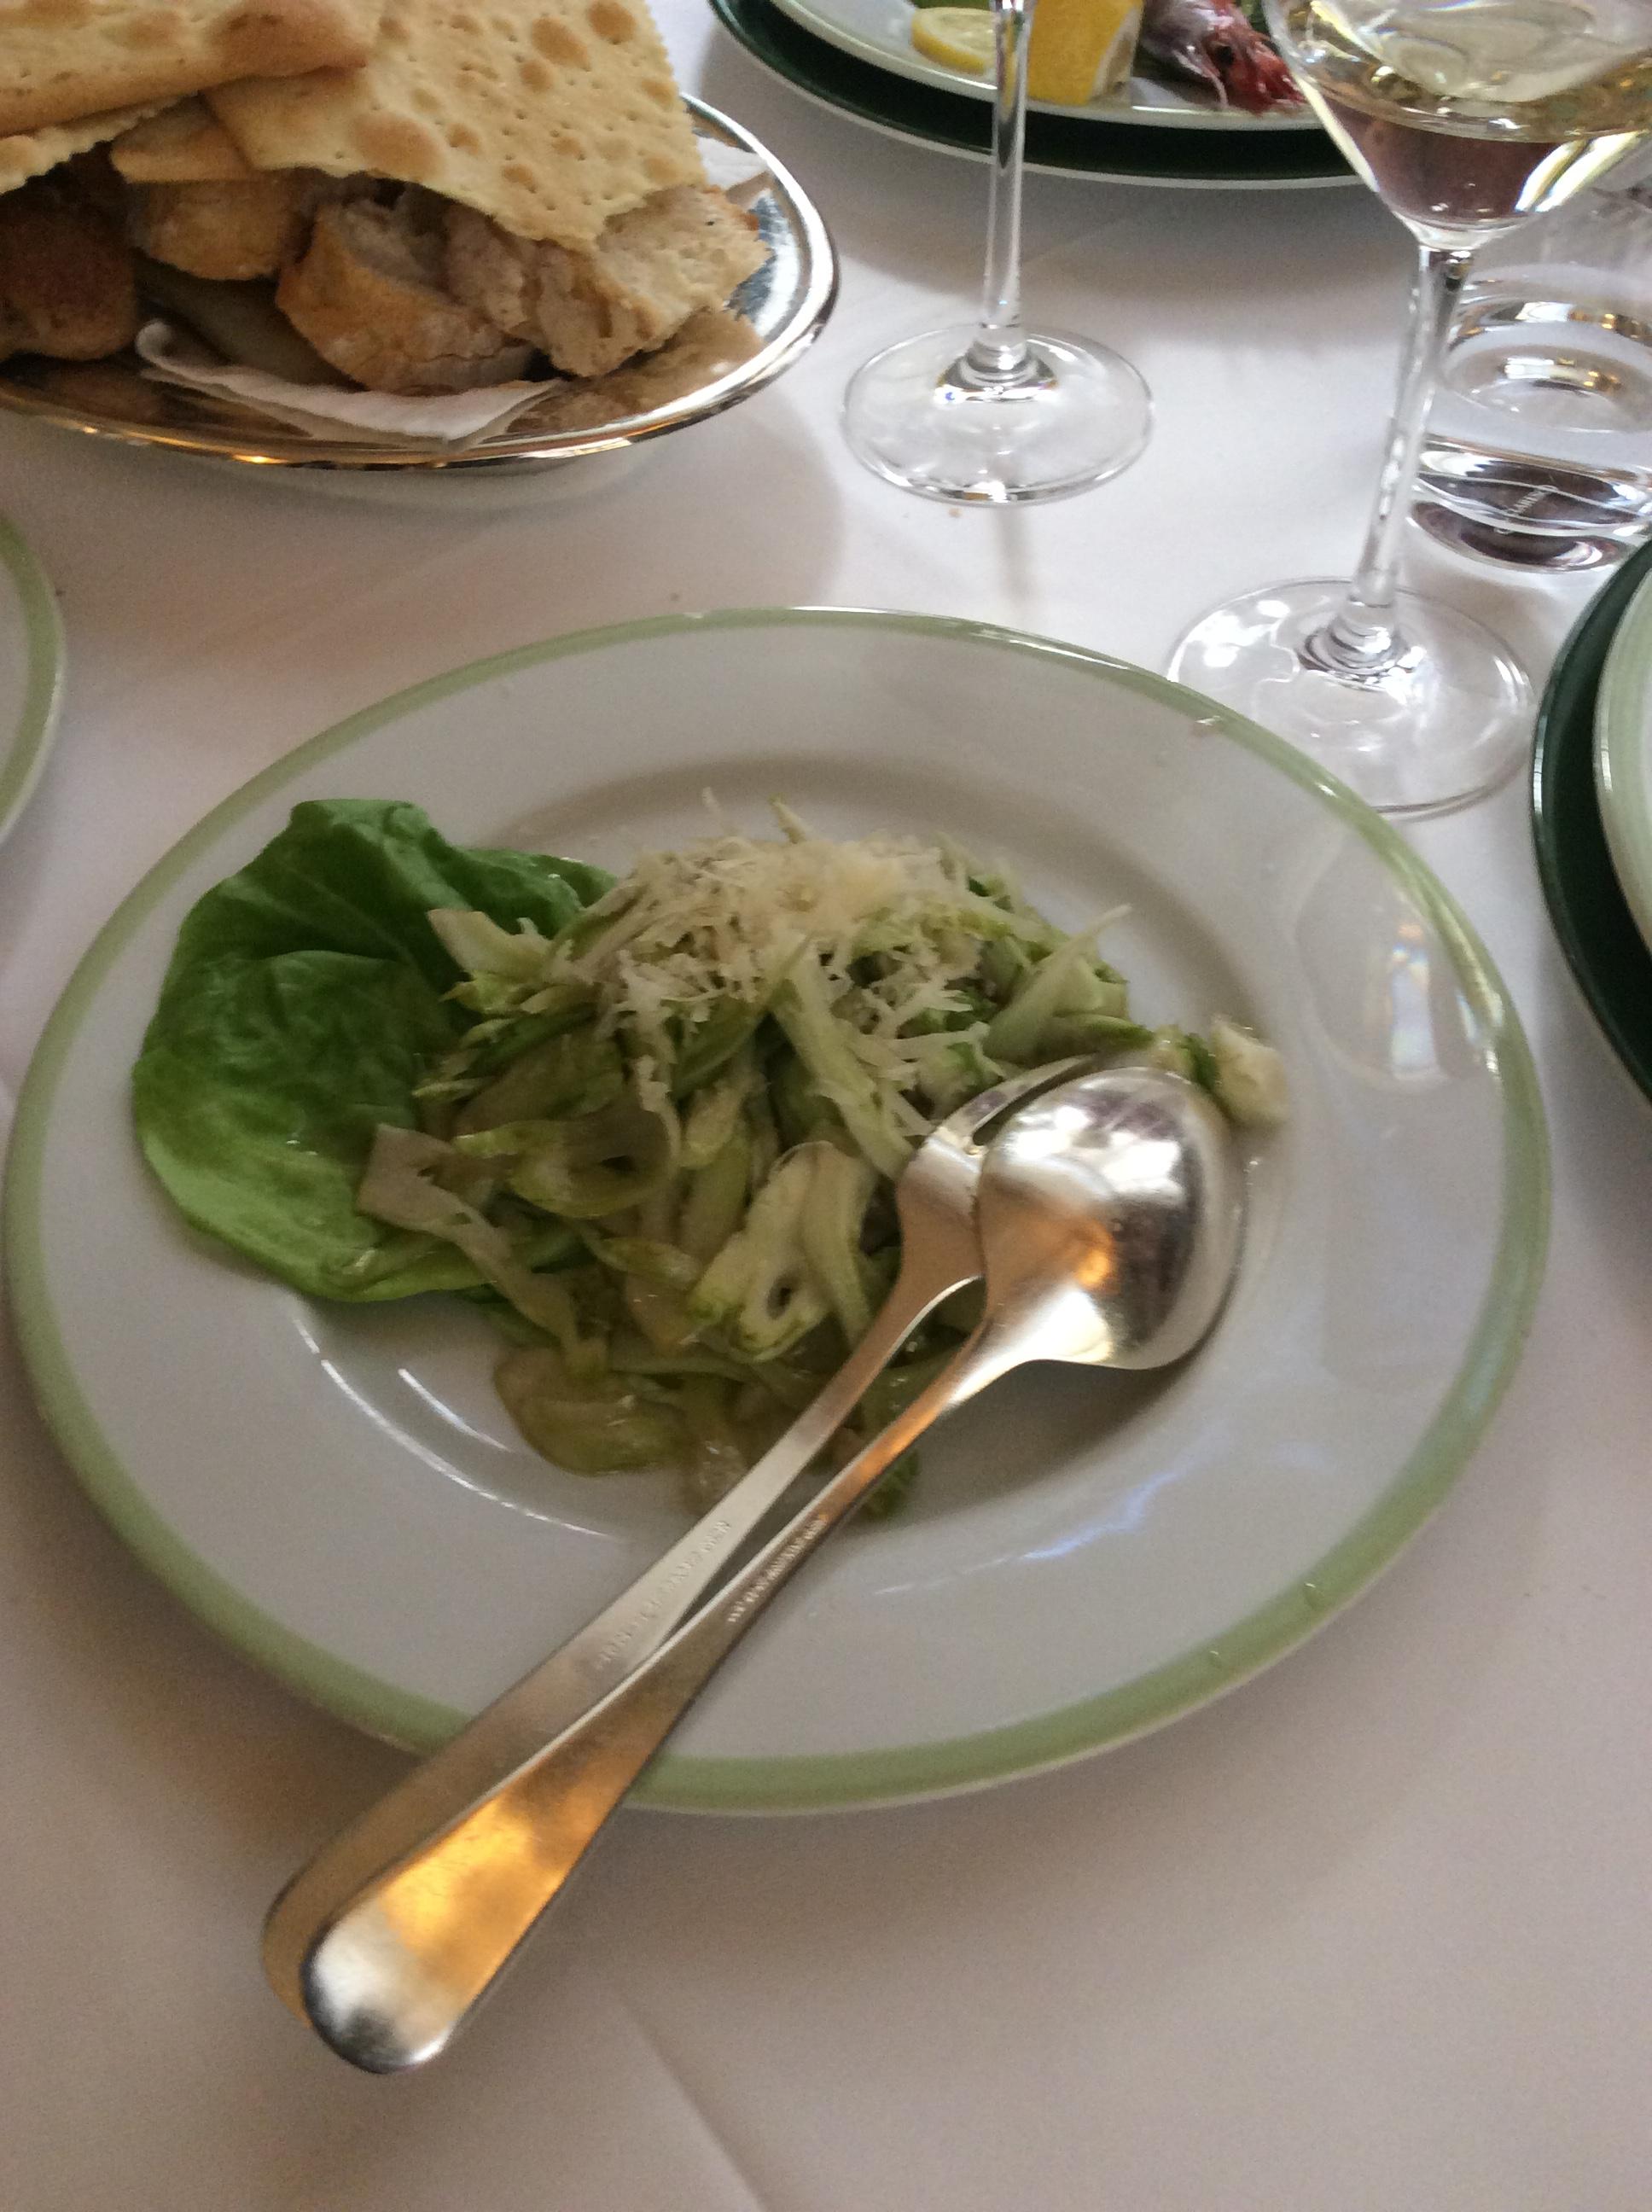 http://gourmet-italian.com/365.JPG